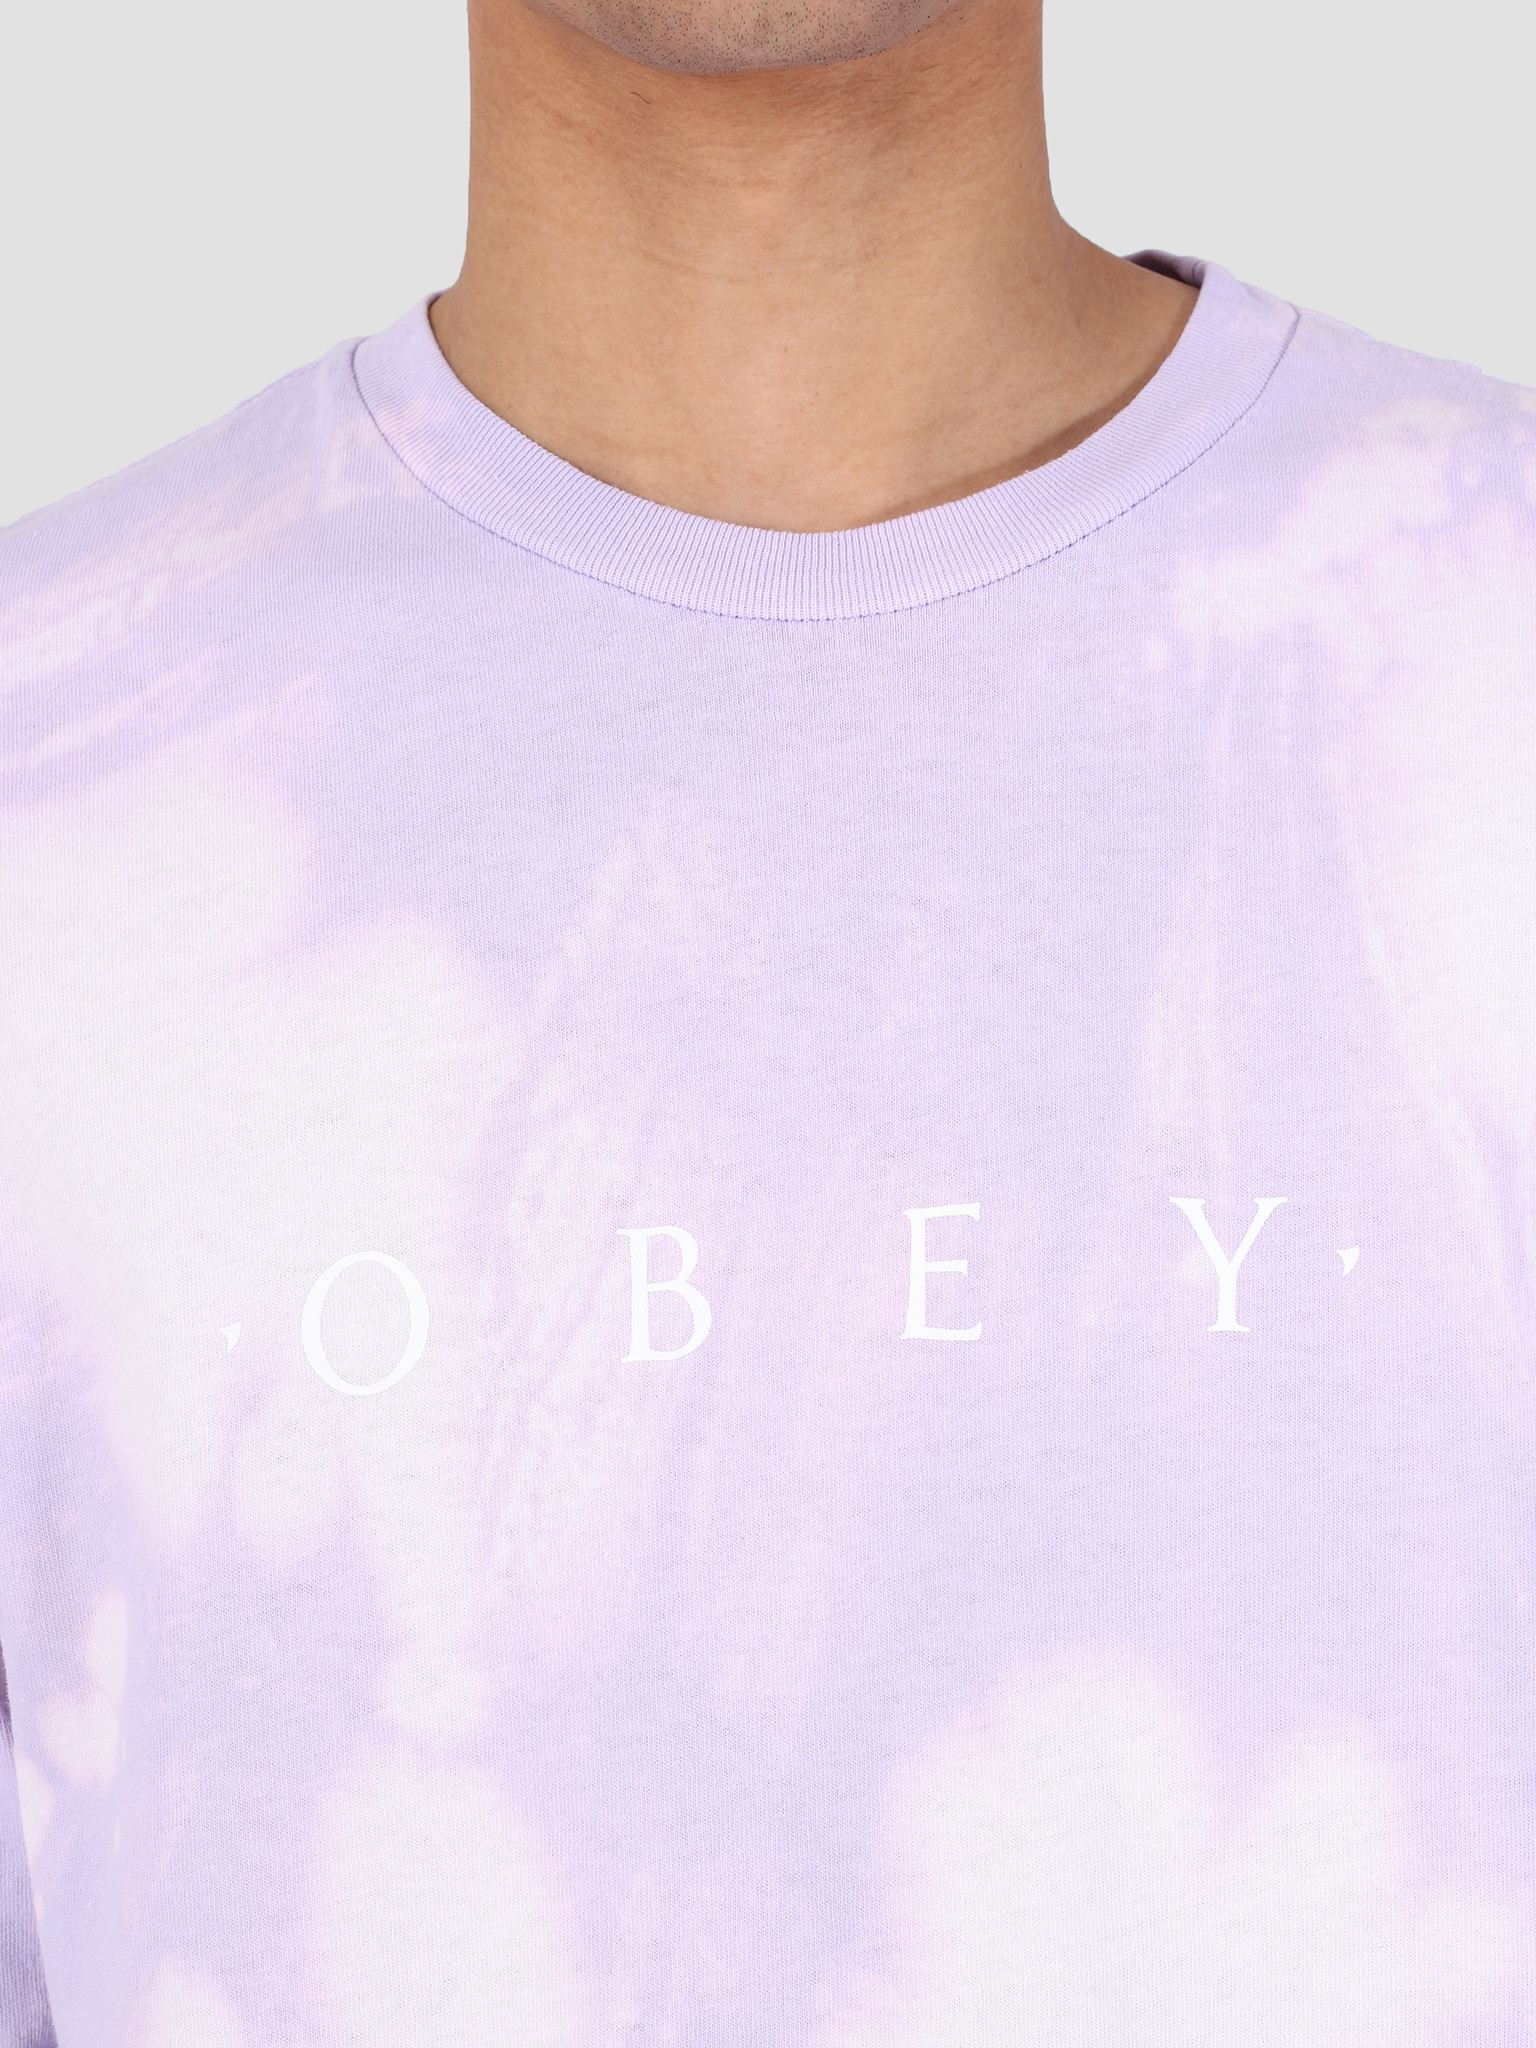 Obey Obey Novel Obey Tie Dye Longsleeve LAV 166751578